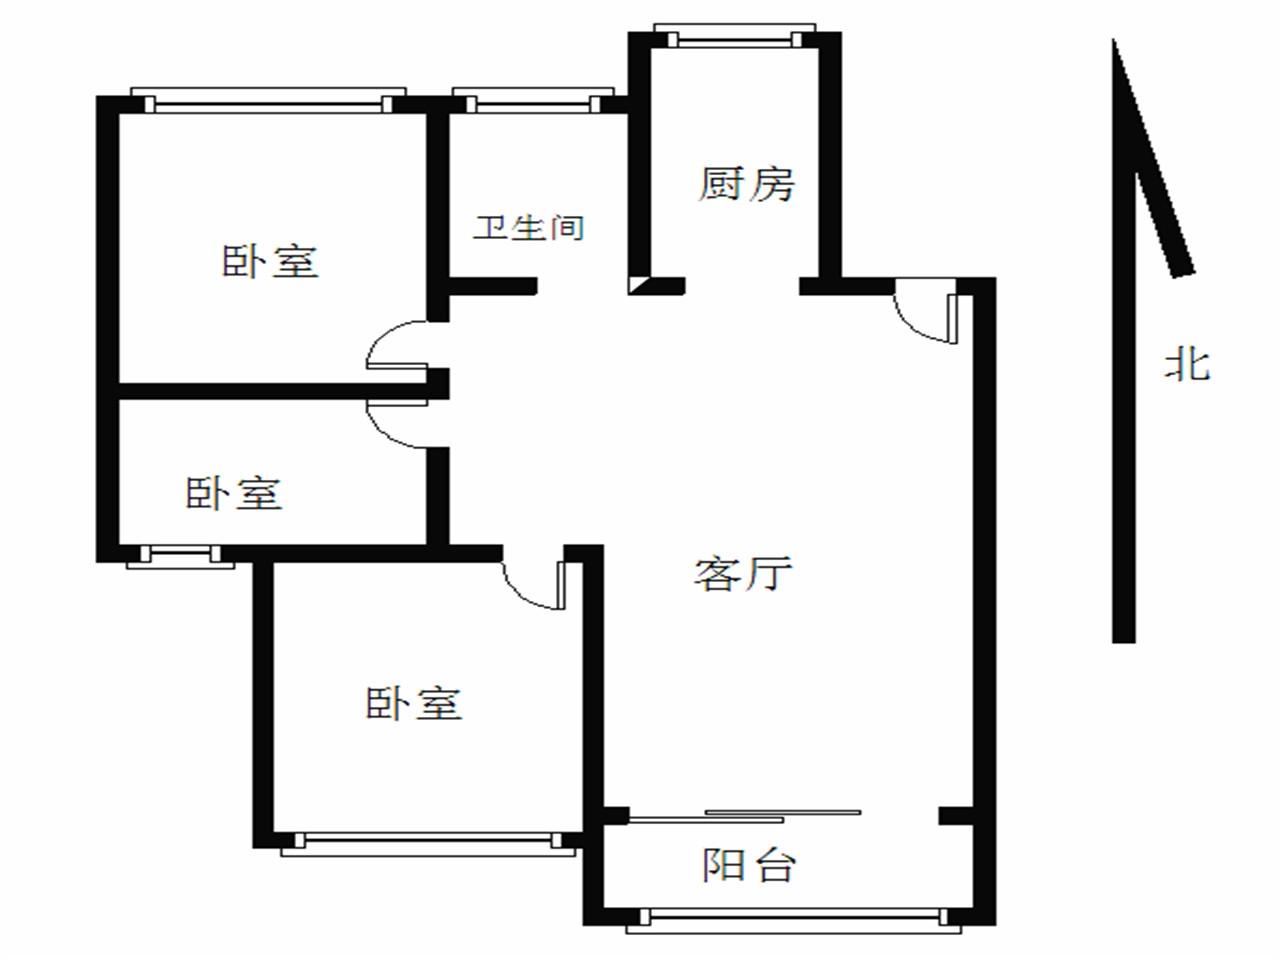 江宁区东山街道汇景新苑3室1厅户型图